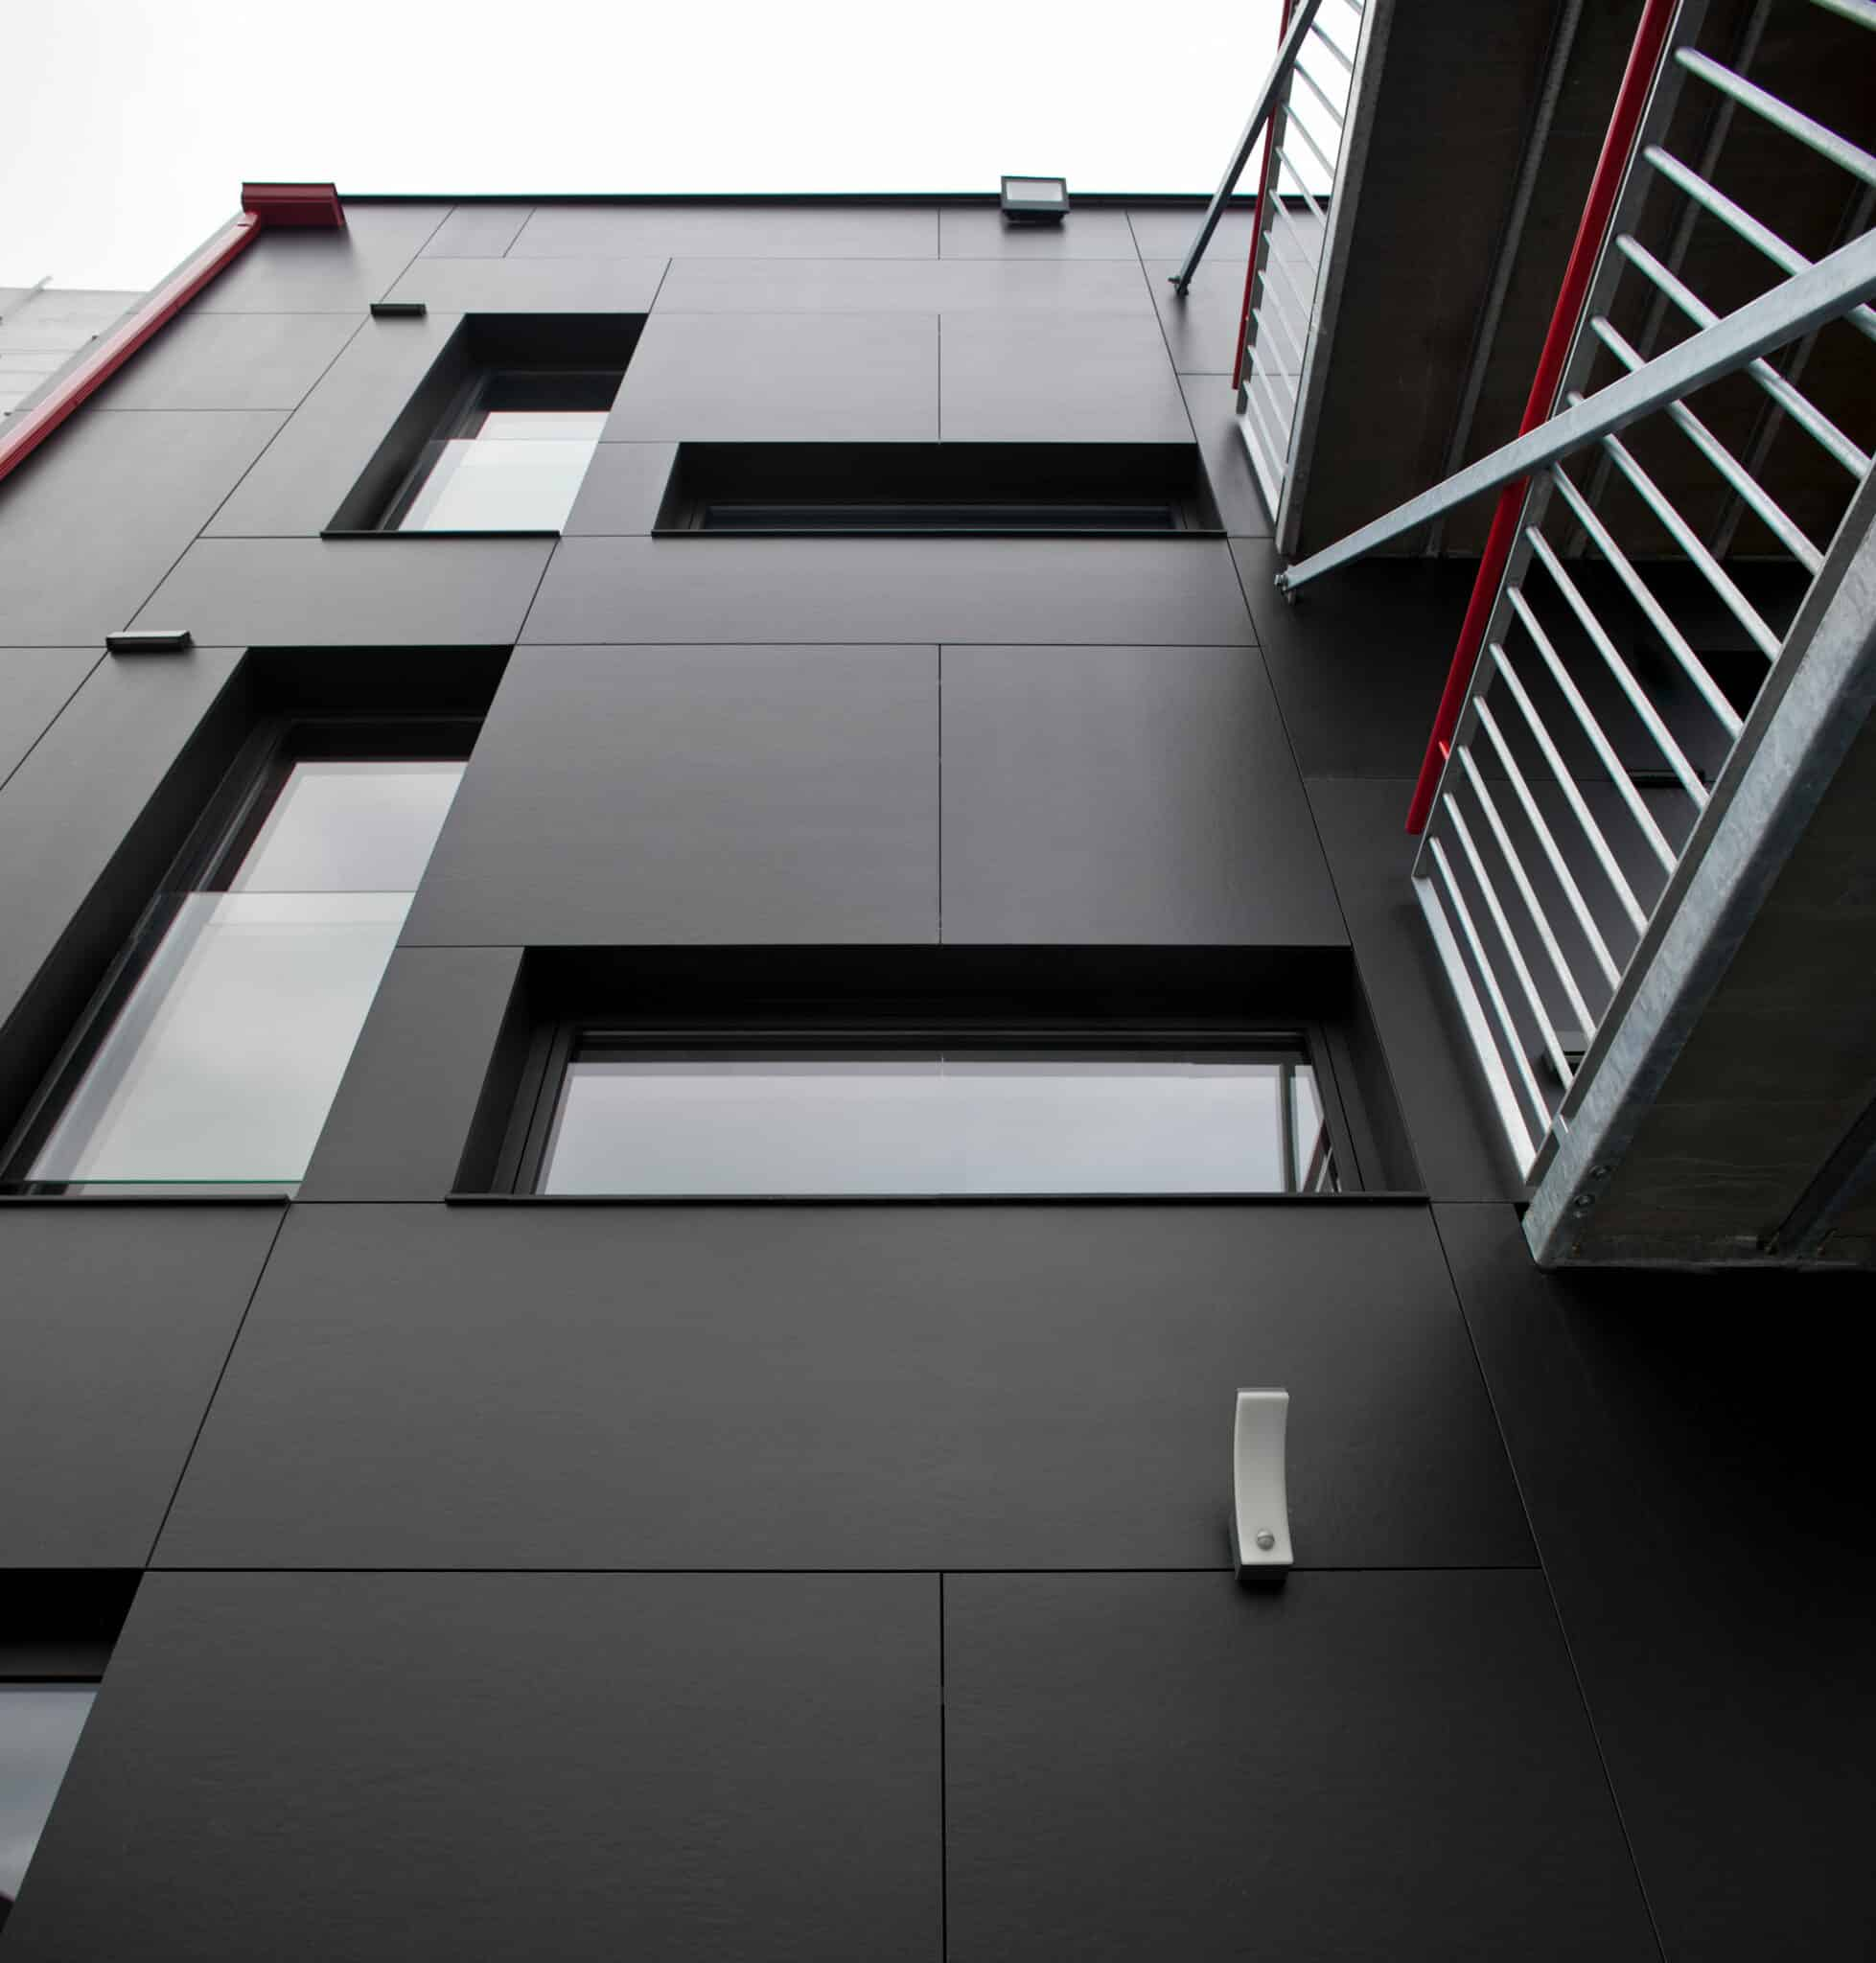 Arteixo Residential  - Arteixo Dekton facade 10 38